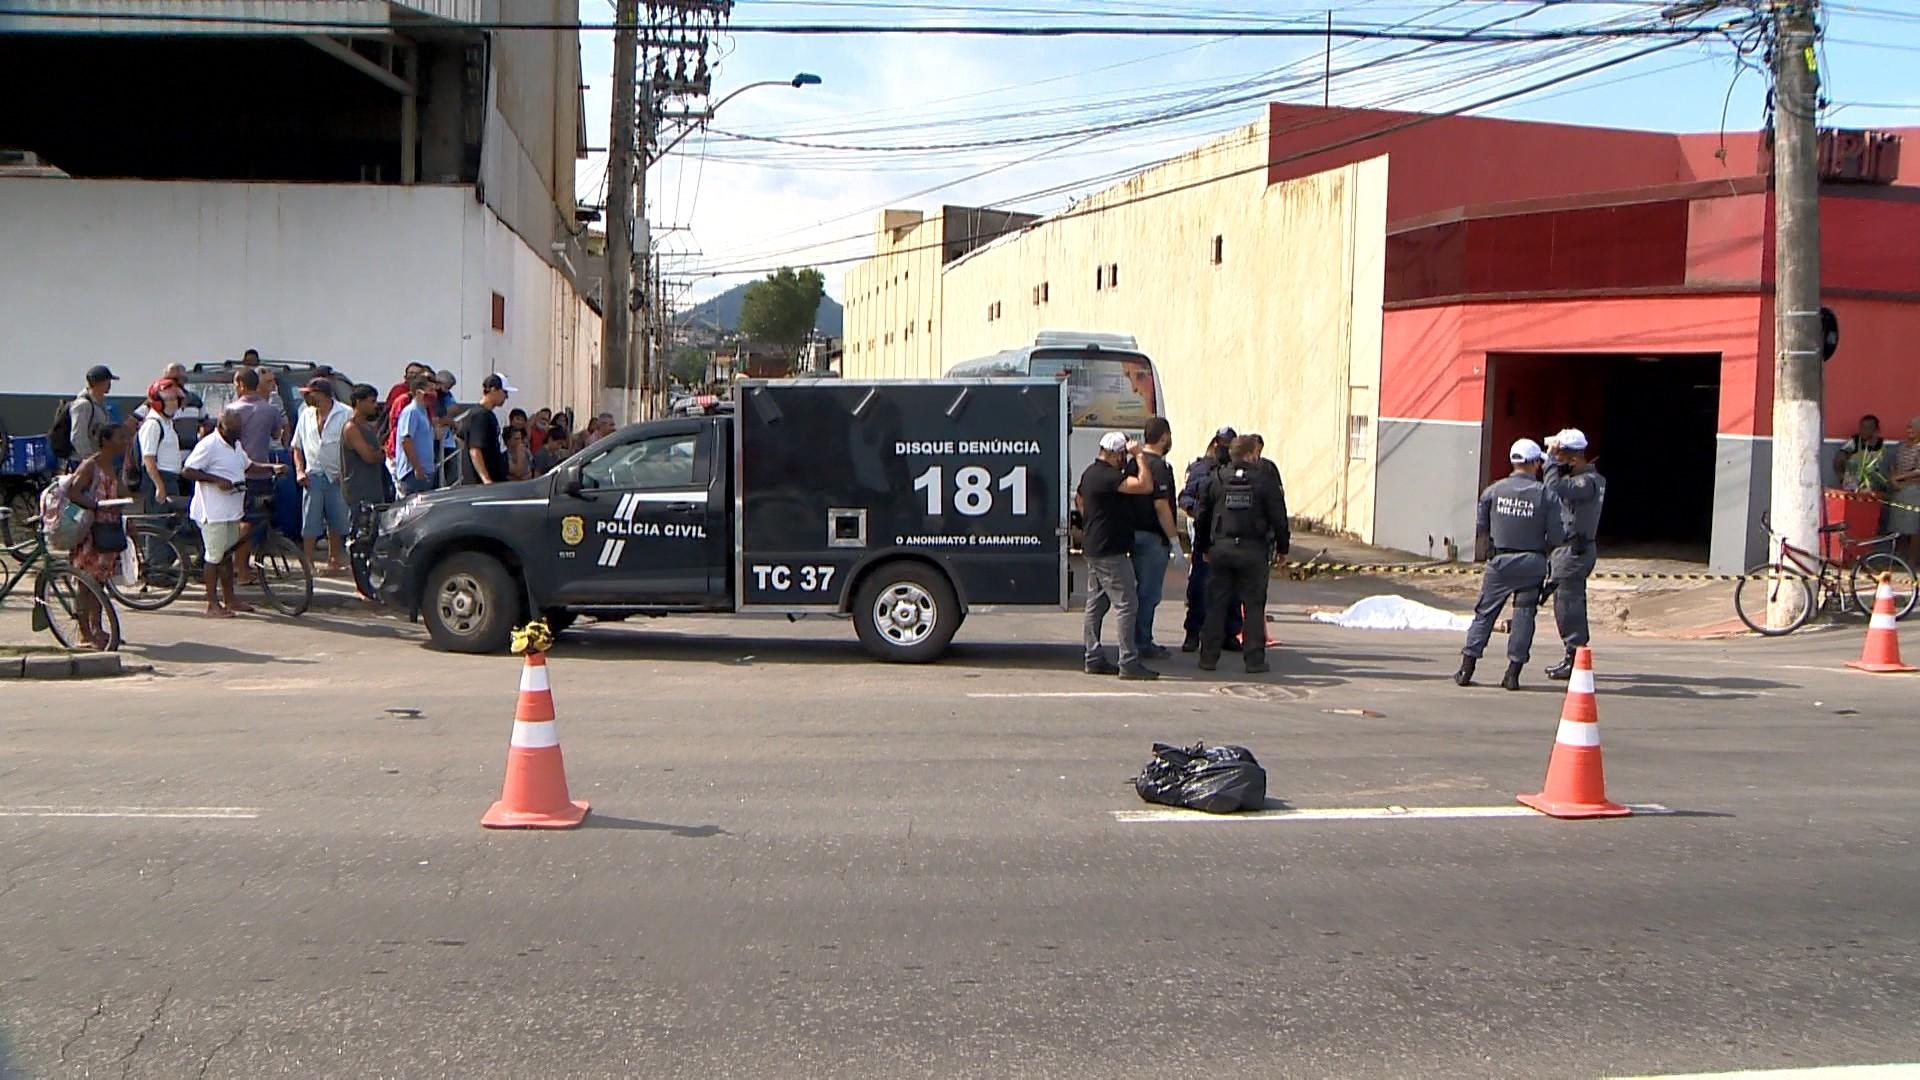 Ciclista morre depois de ser atropelado por ônibus em Vila Velha, no ES